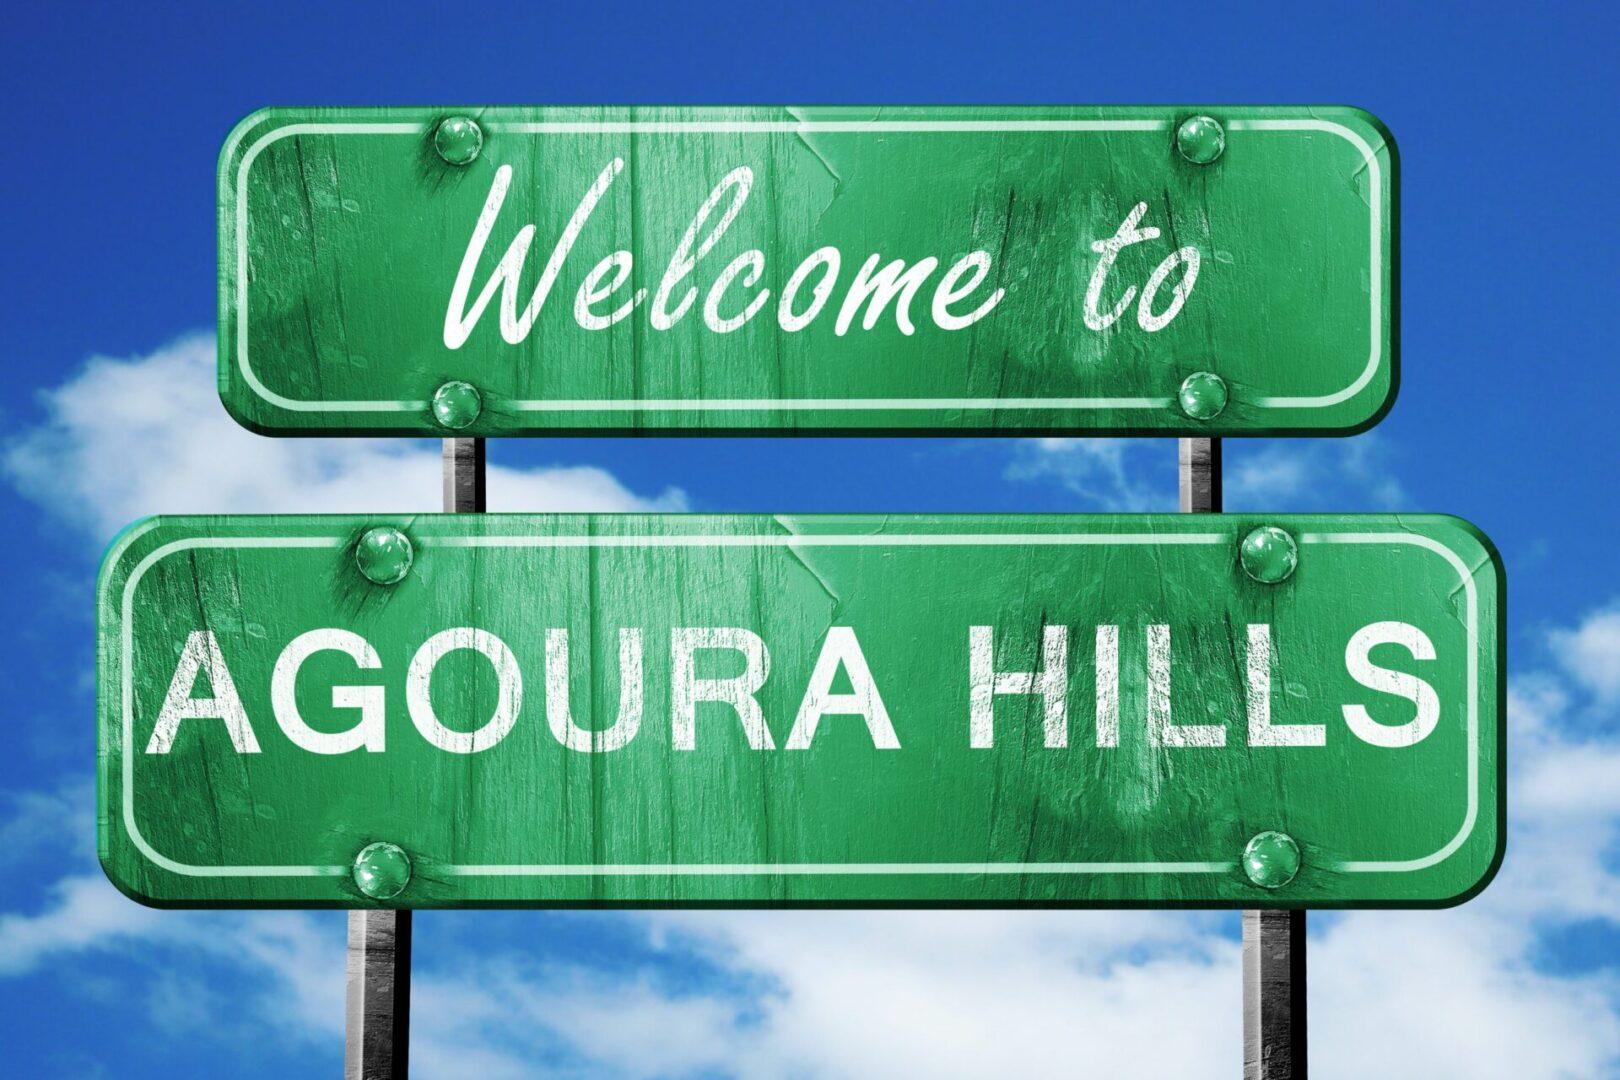 agoura hills, california, southern california, agoura